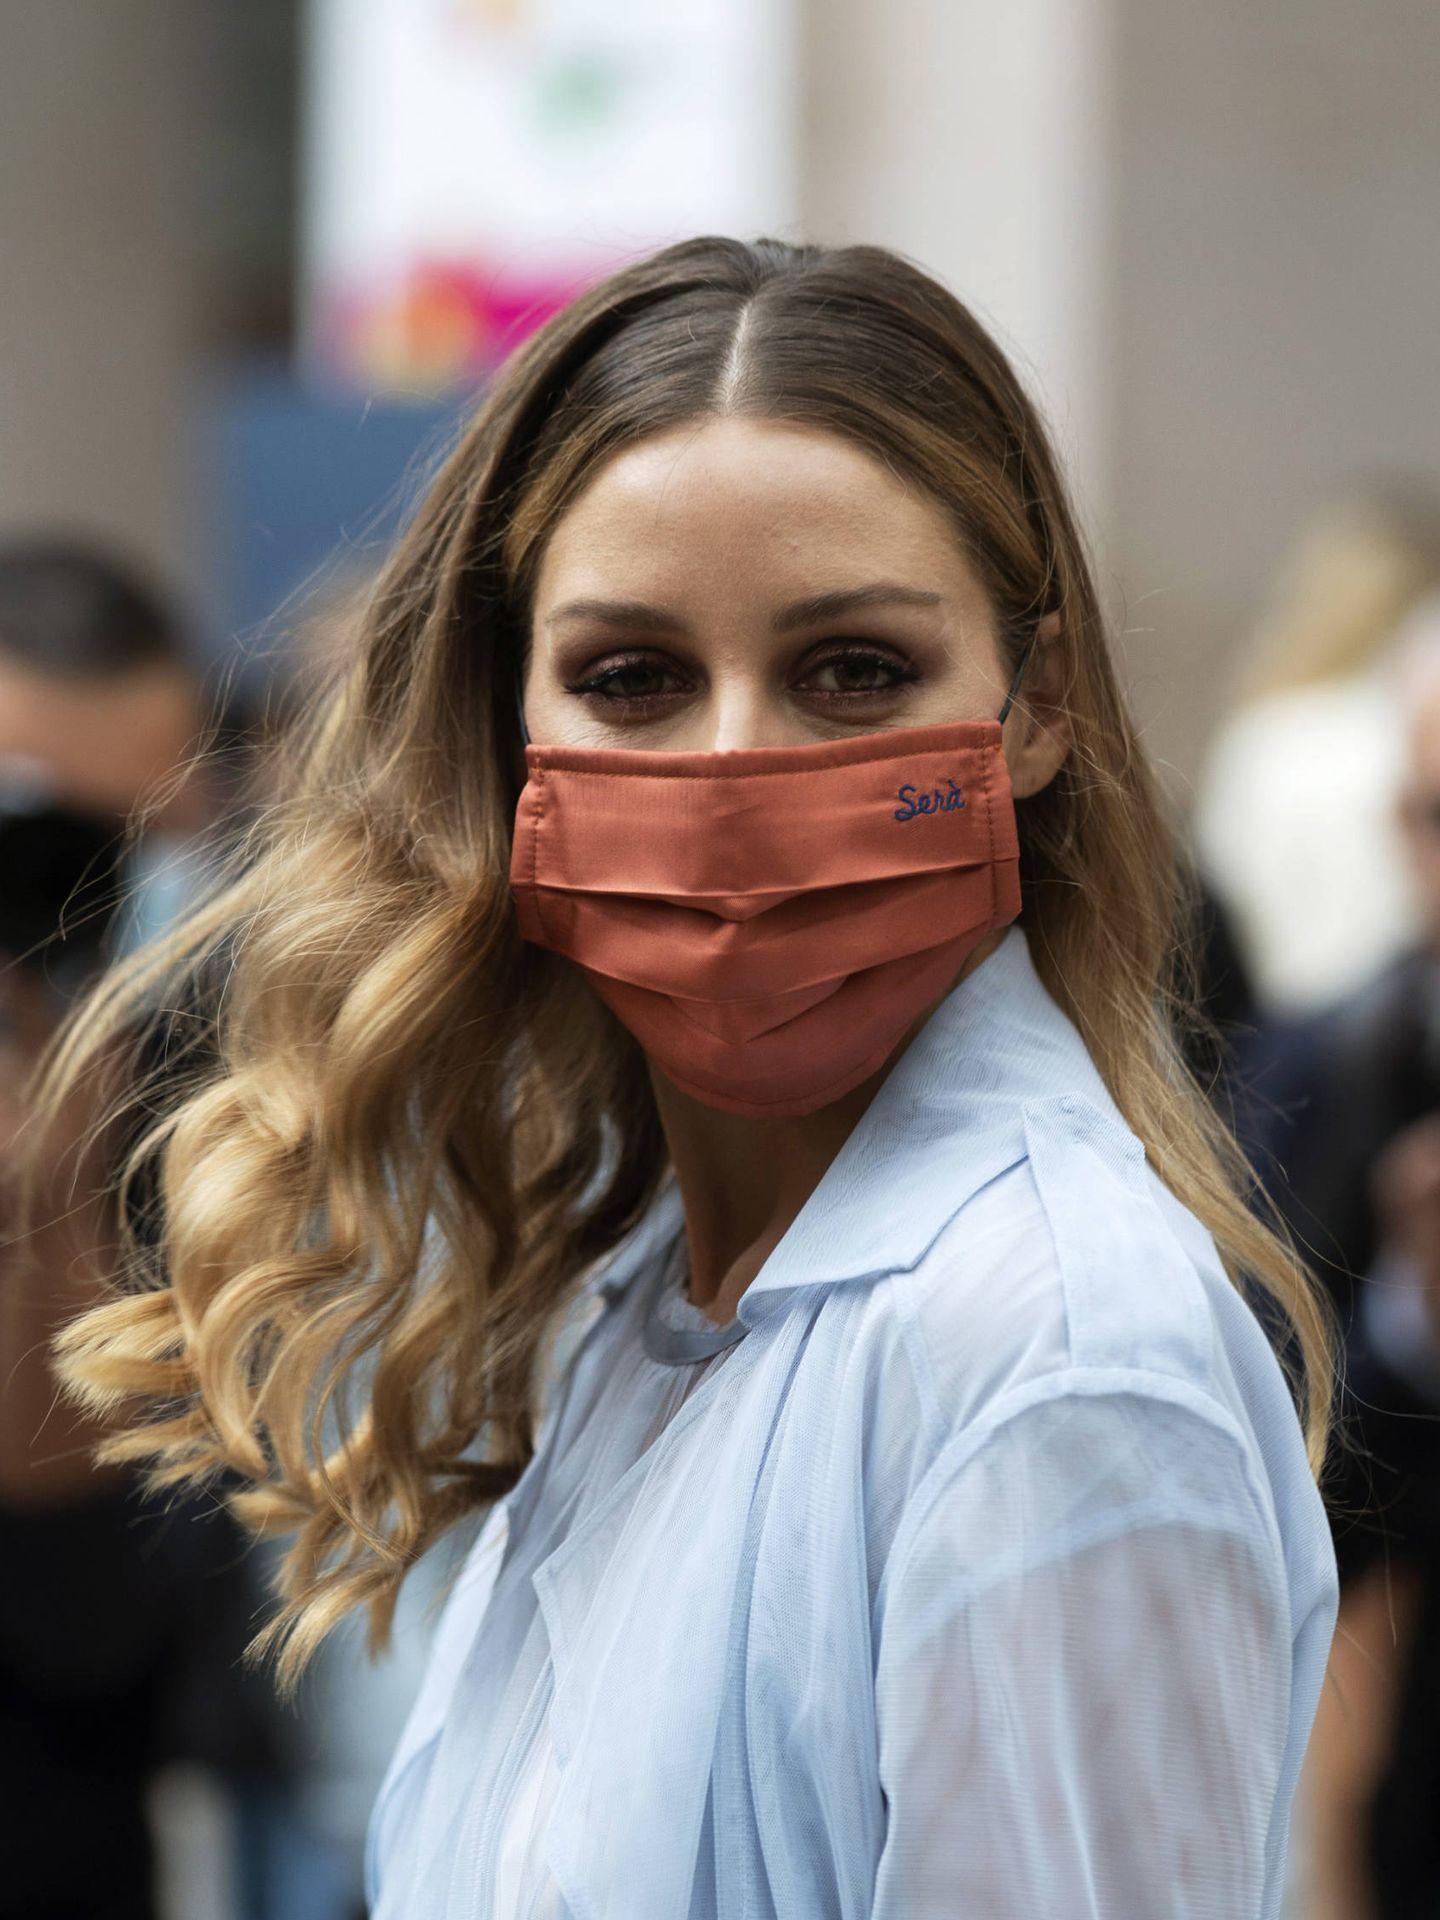 Las mascarillas han provocado un mayor preocupación por mejorar los labios. (Imaxtree)